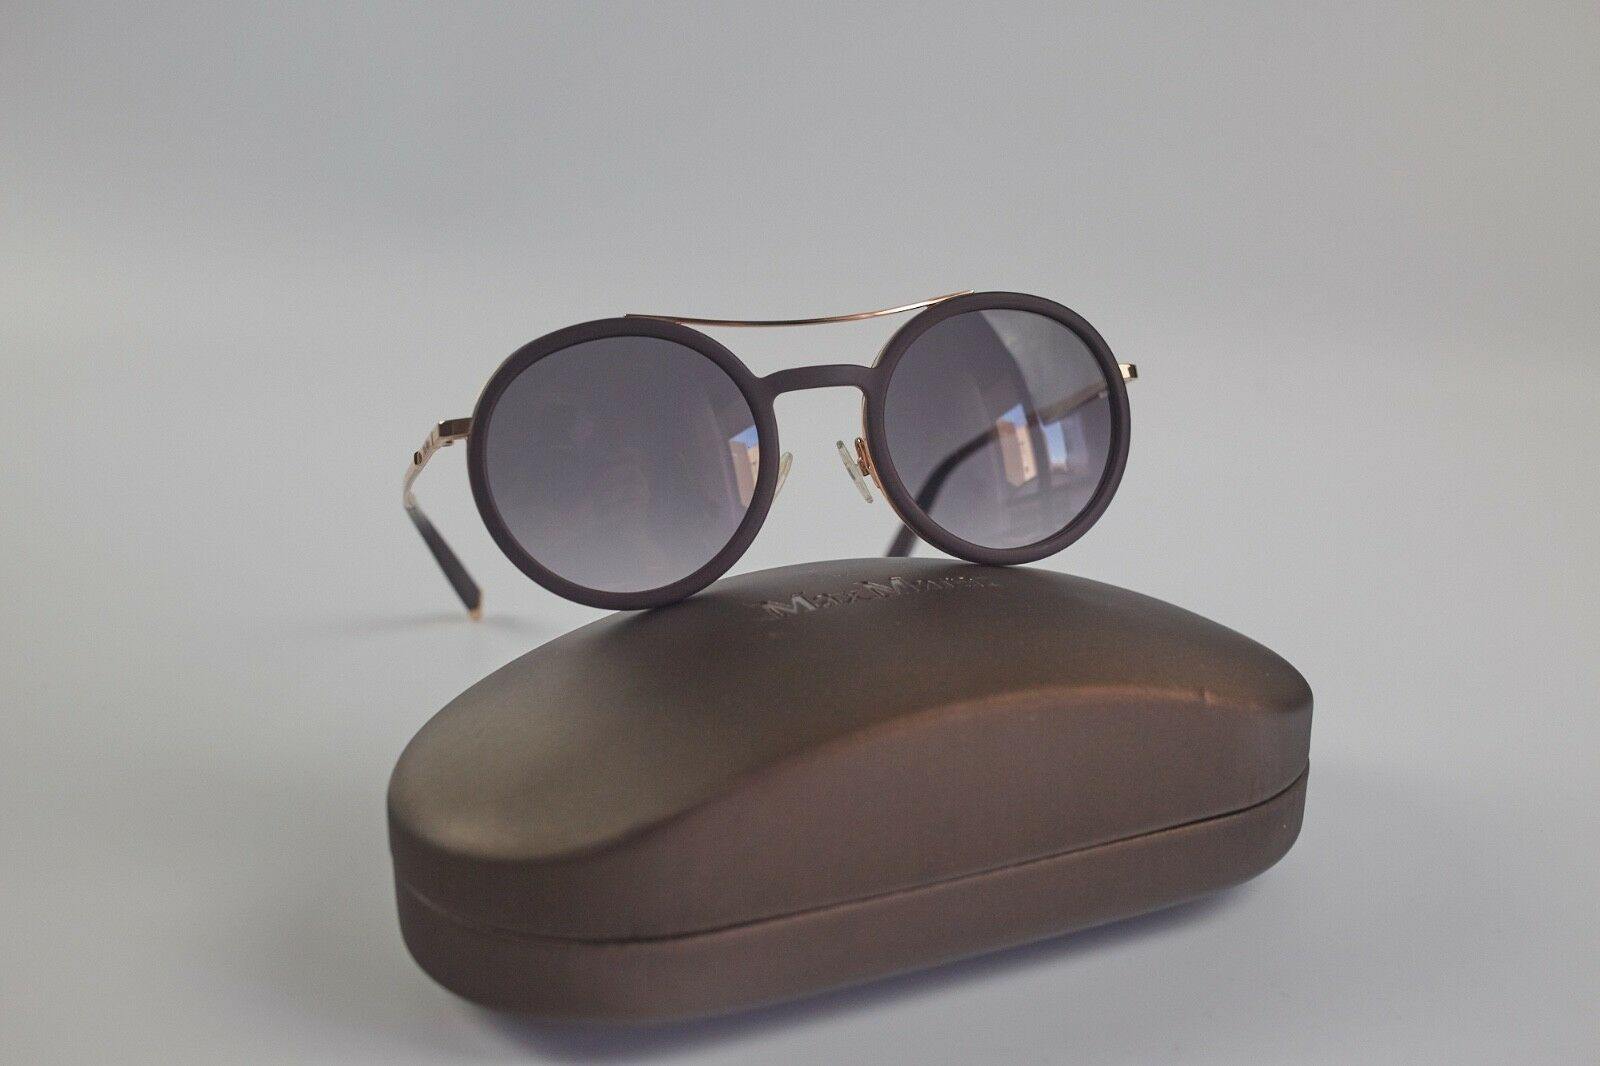 Max Mara Sonnenbrille MM OBLO V 28 28 28 Y1 49 a 21 Rund Schwarz   Gold NP 253,00    Verbraucher zuerst    Eine Große Vielfalt An Modelle 2019 Neue    Hohe Qualität  2a24e5